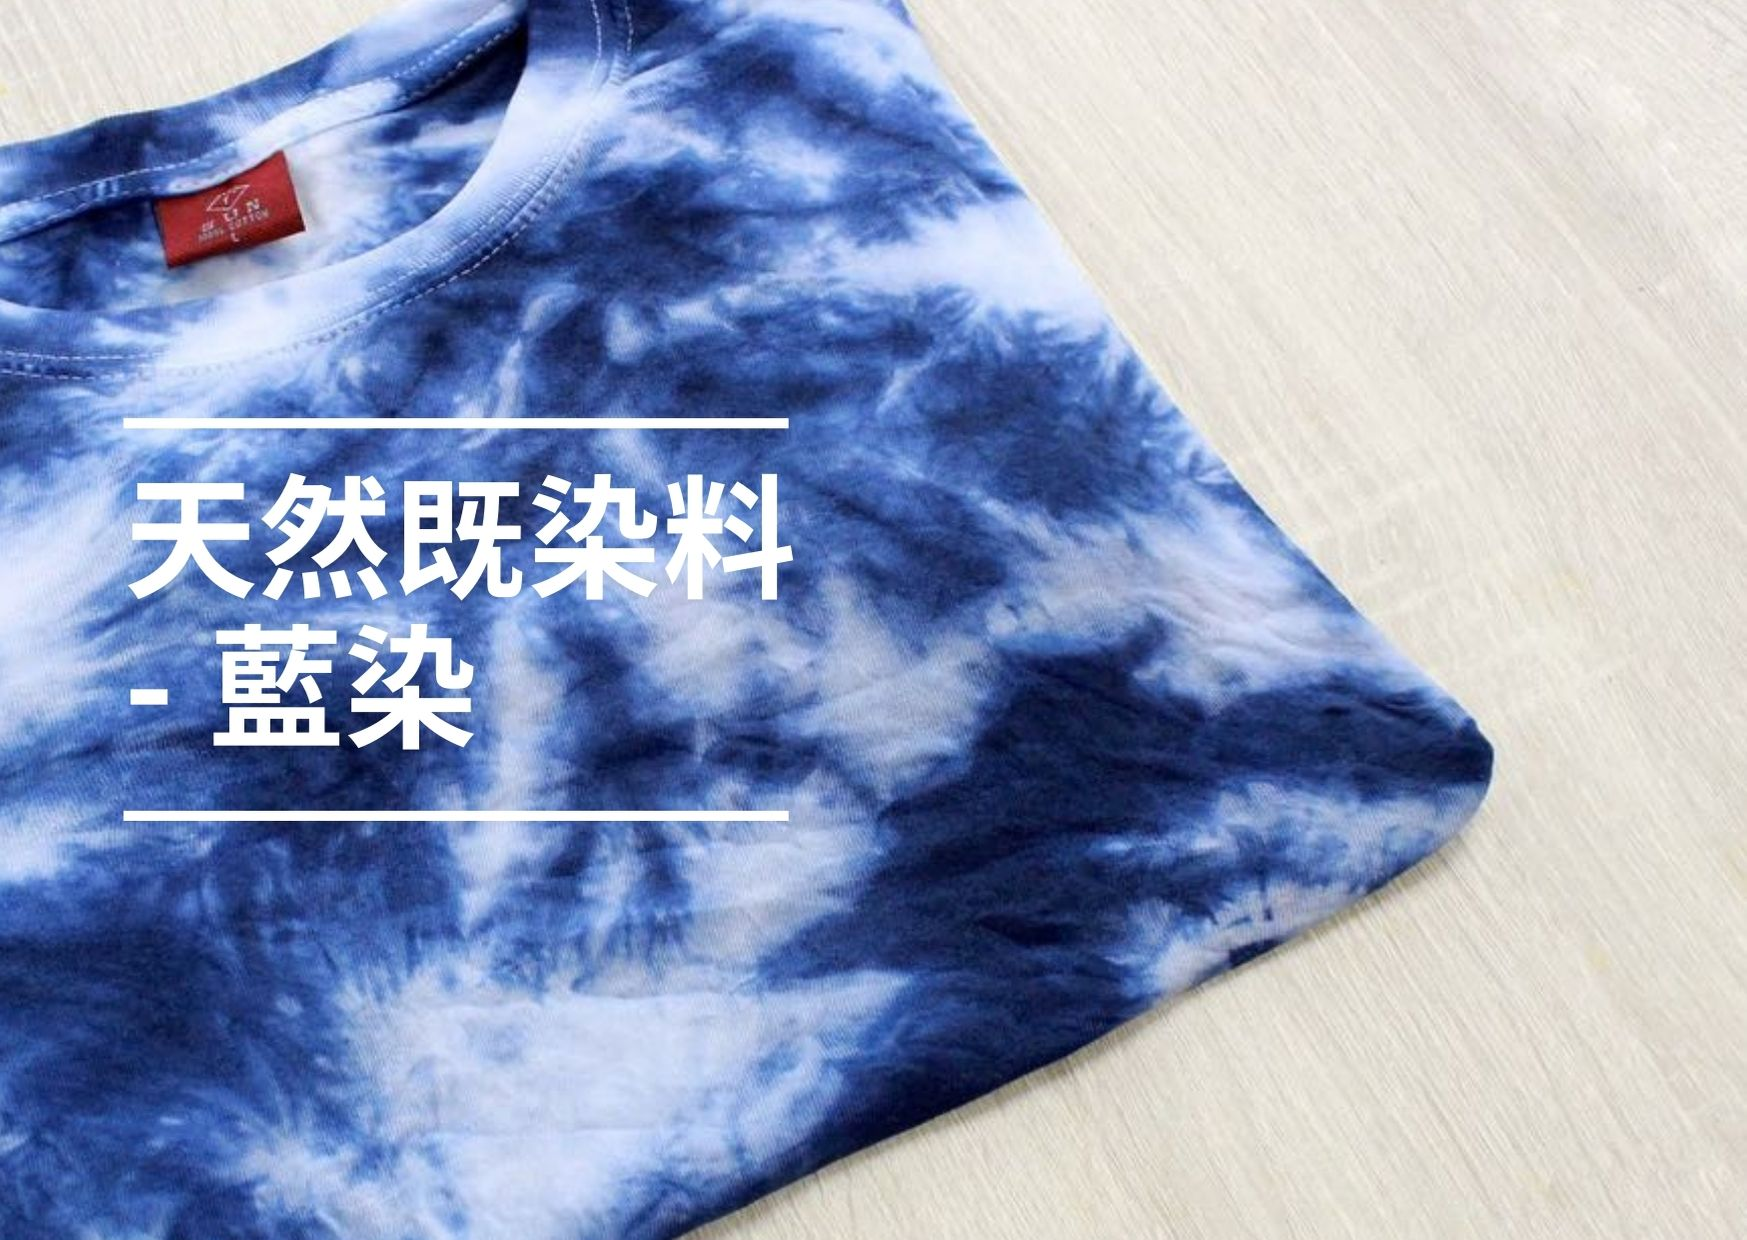 【藍染】天然既染料 - 藍染